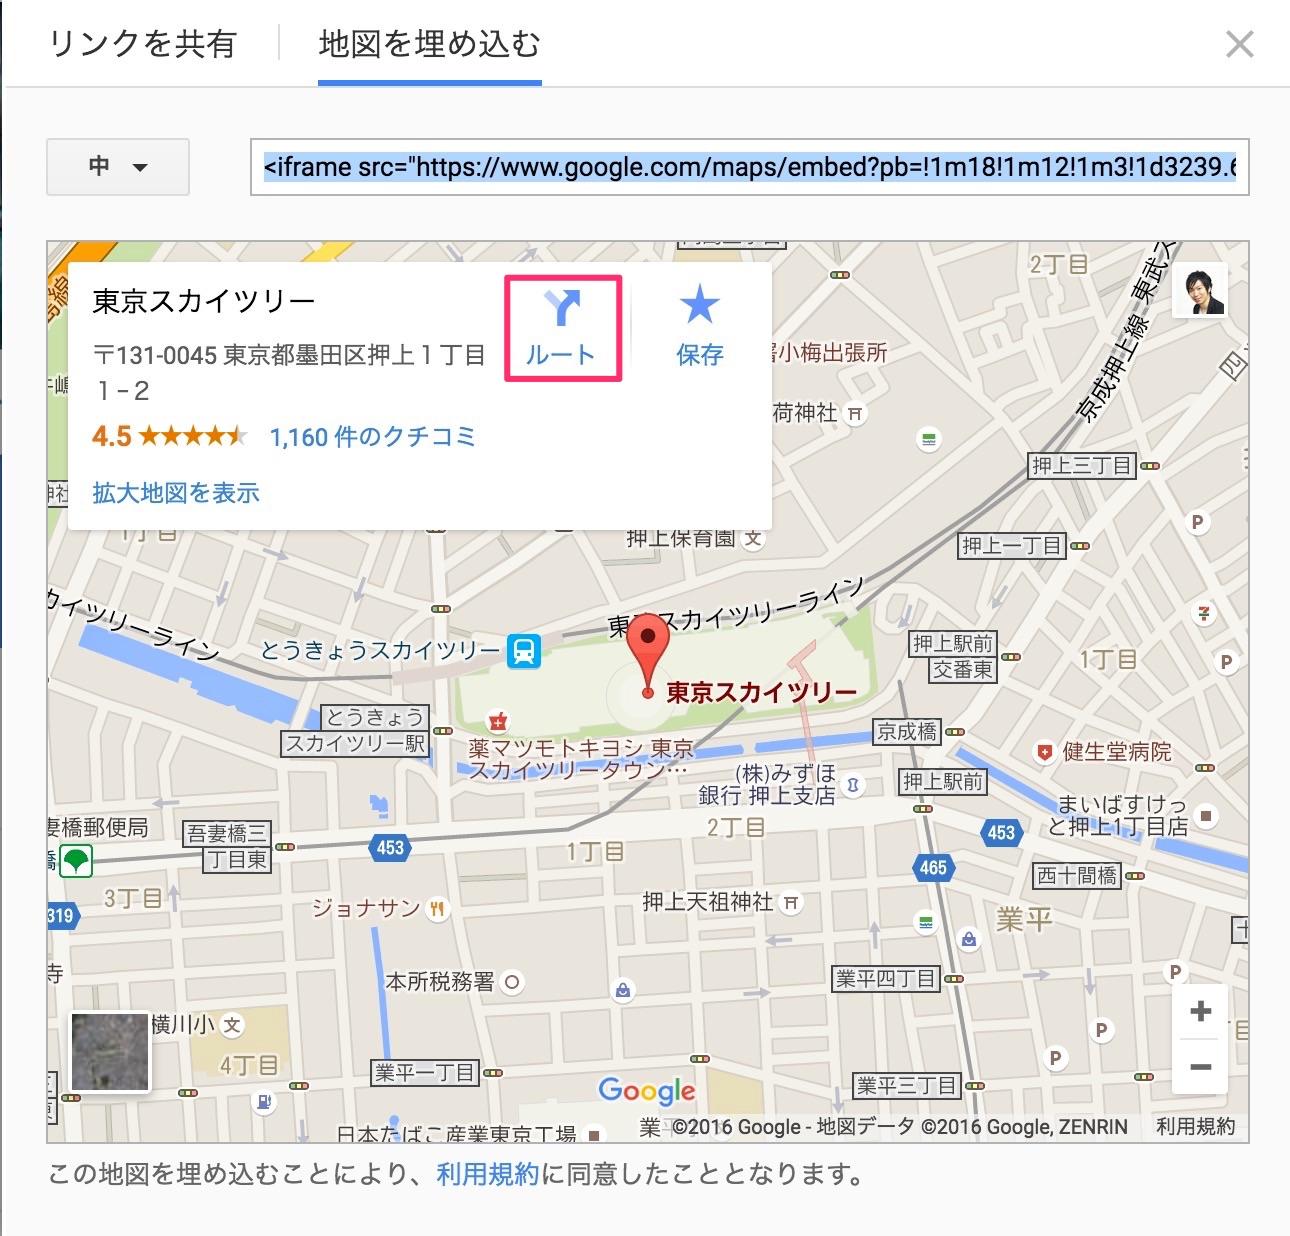 googlemap 埋め込み方法7